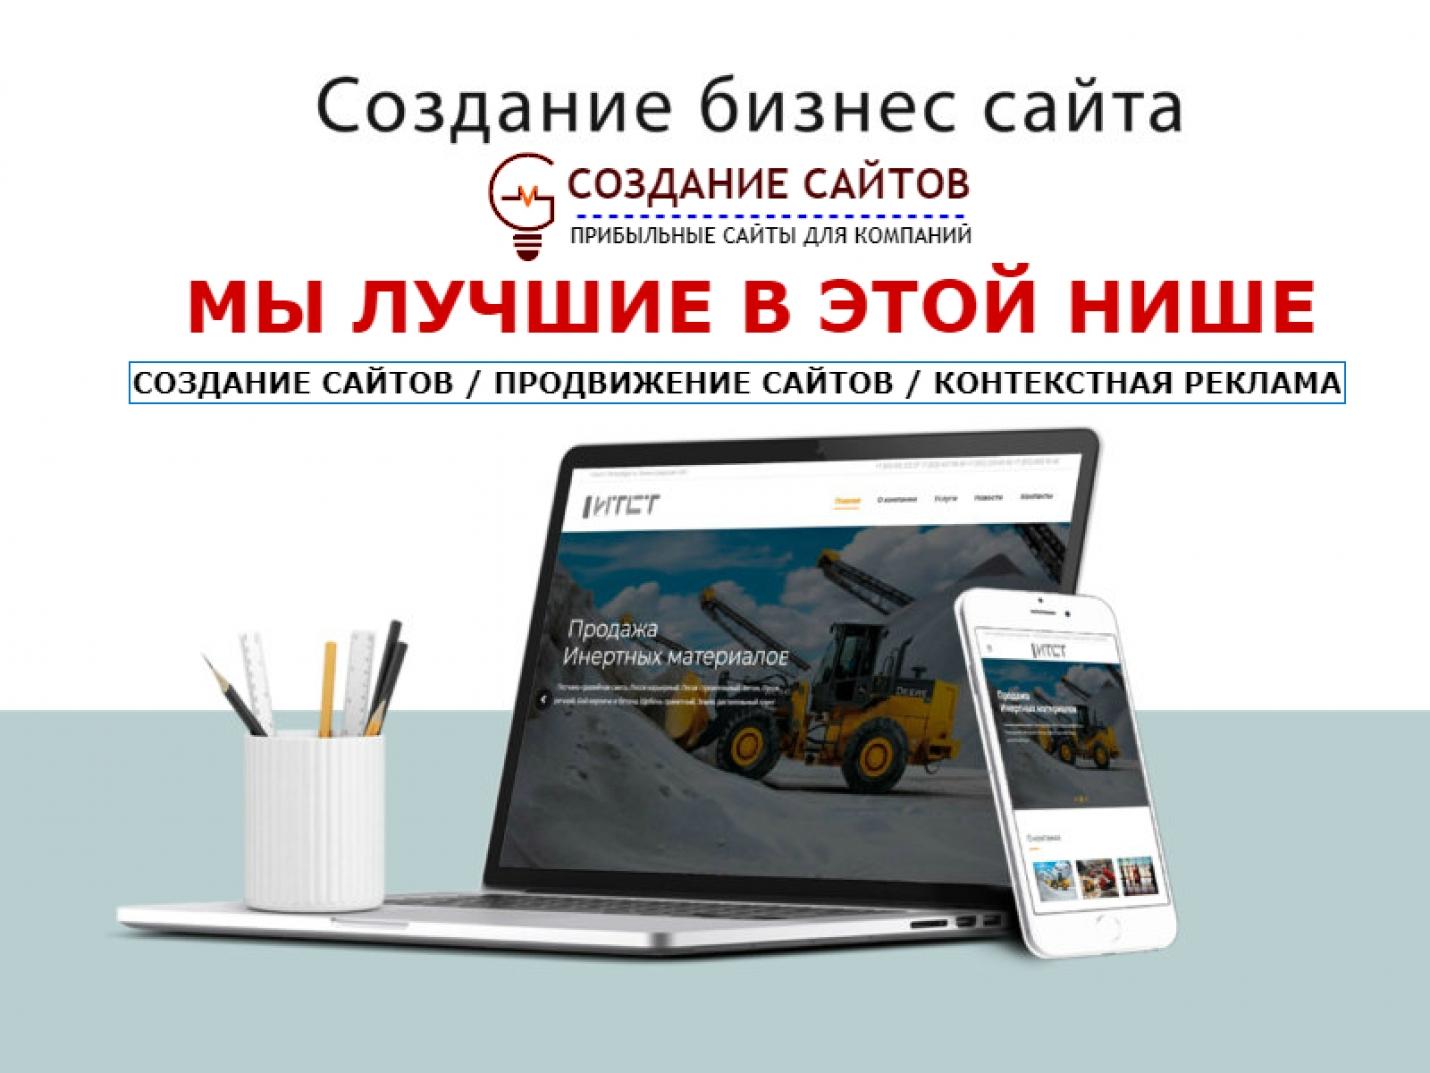 Заказать создание сайта выгодно создания сайта обучение